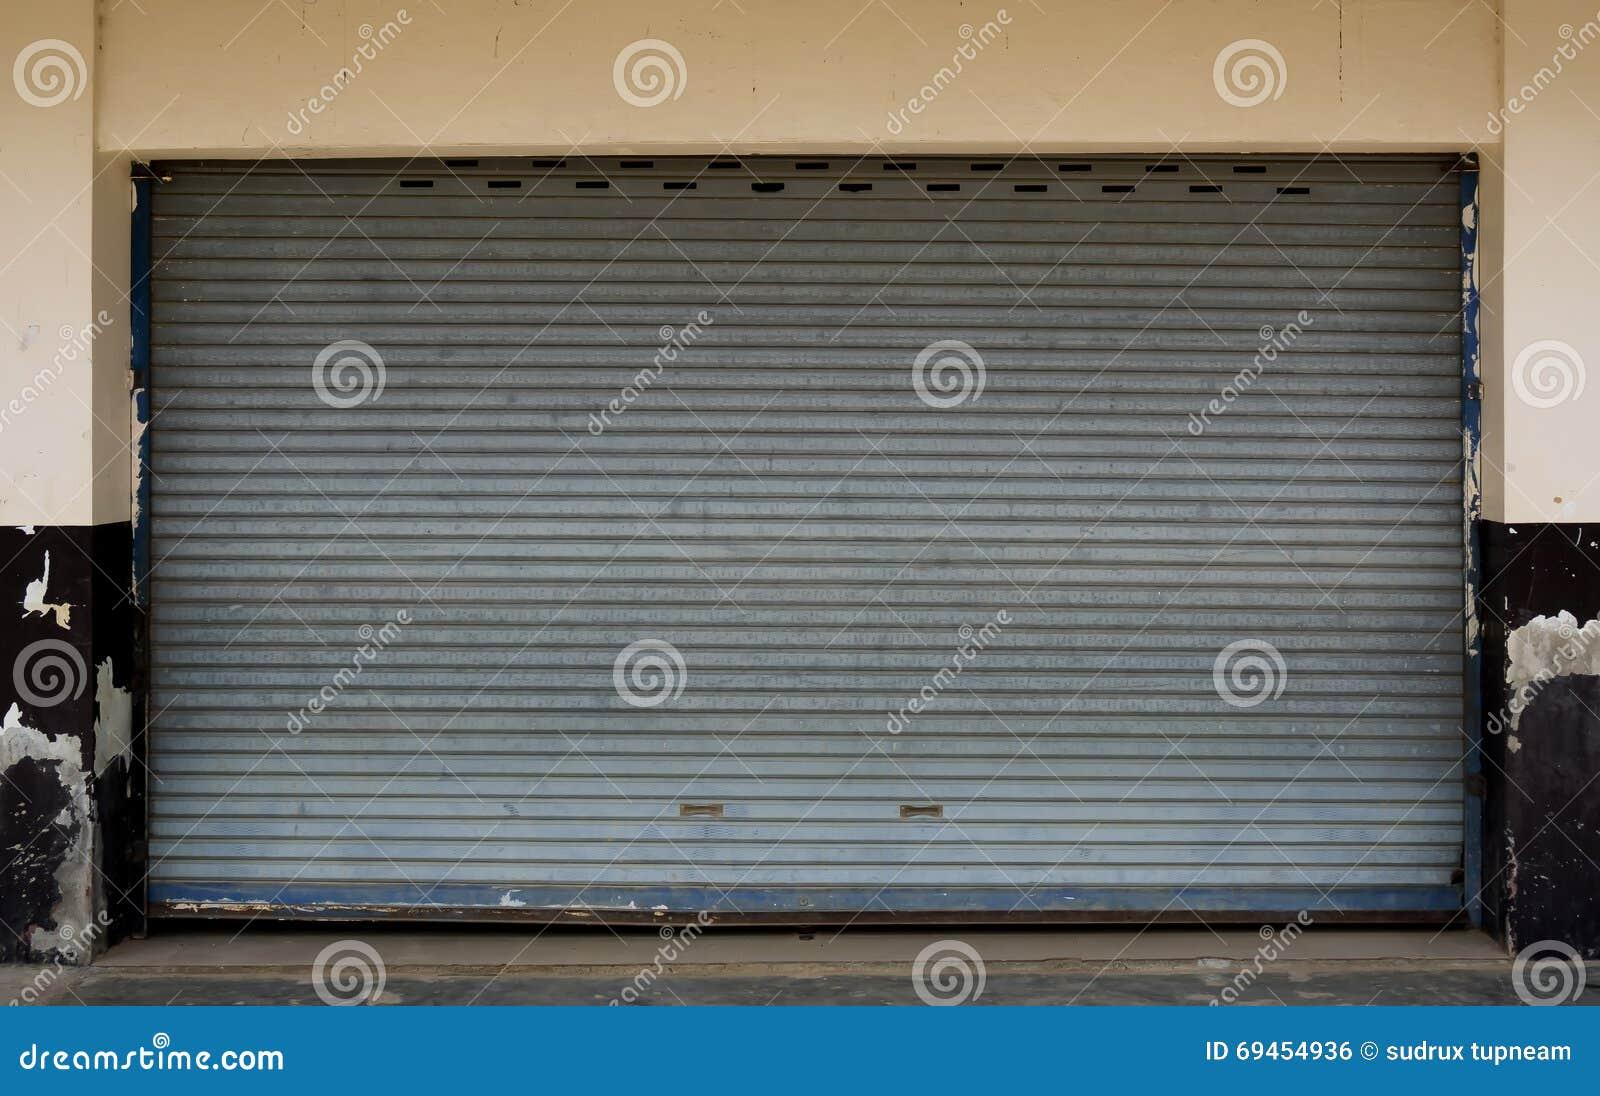 Steel Garage Door Texture black metal garage door roll gate texture. stock photo - image